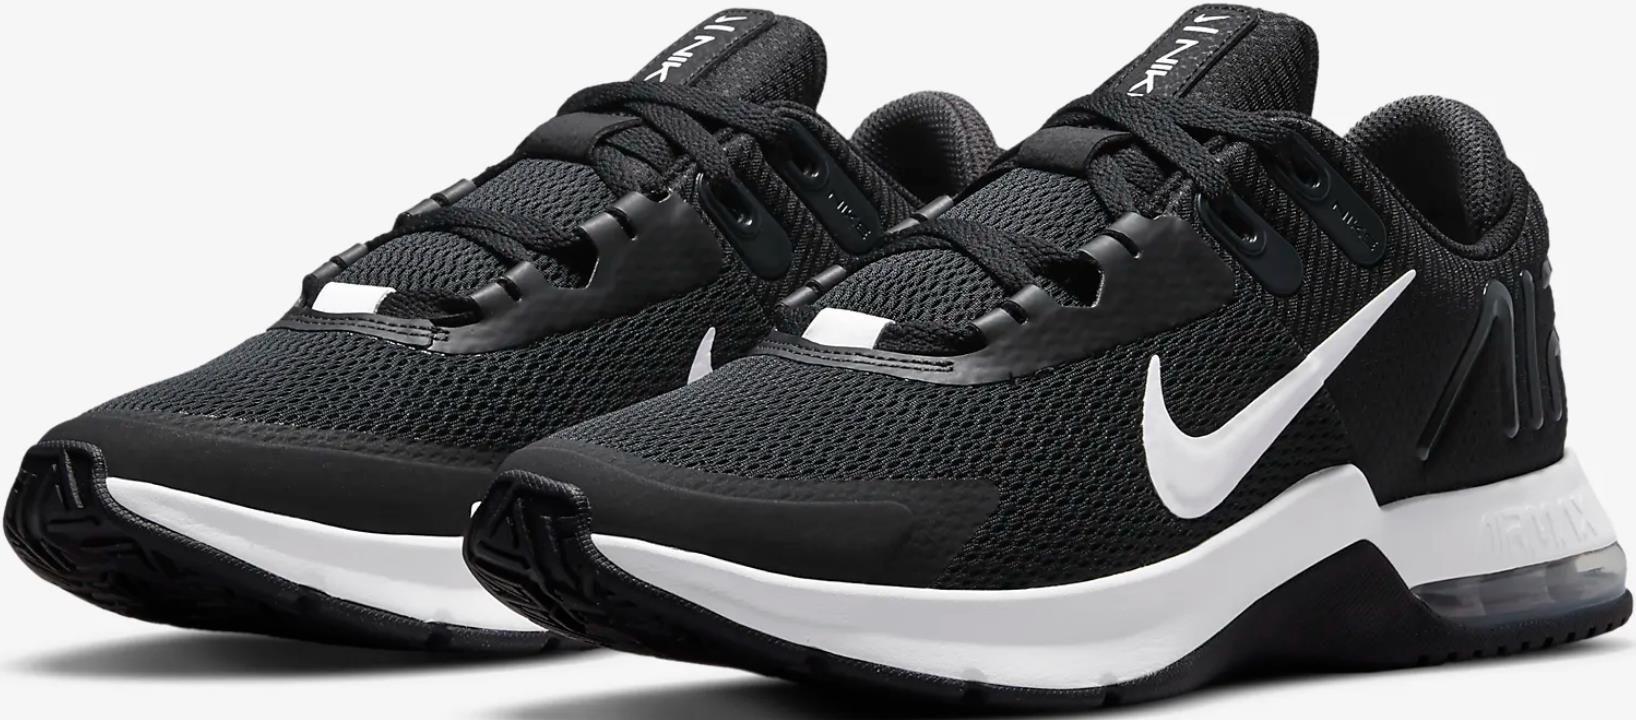 Nike Air Max Alpha Trainer 4 in vier verschiedenen Varianten für 59,99€ (statt 80€)